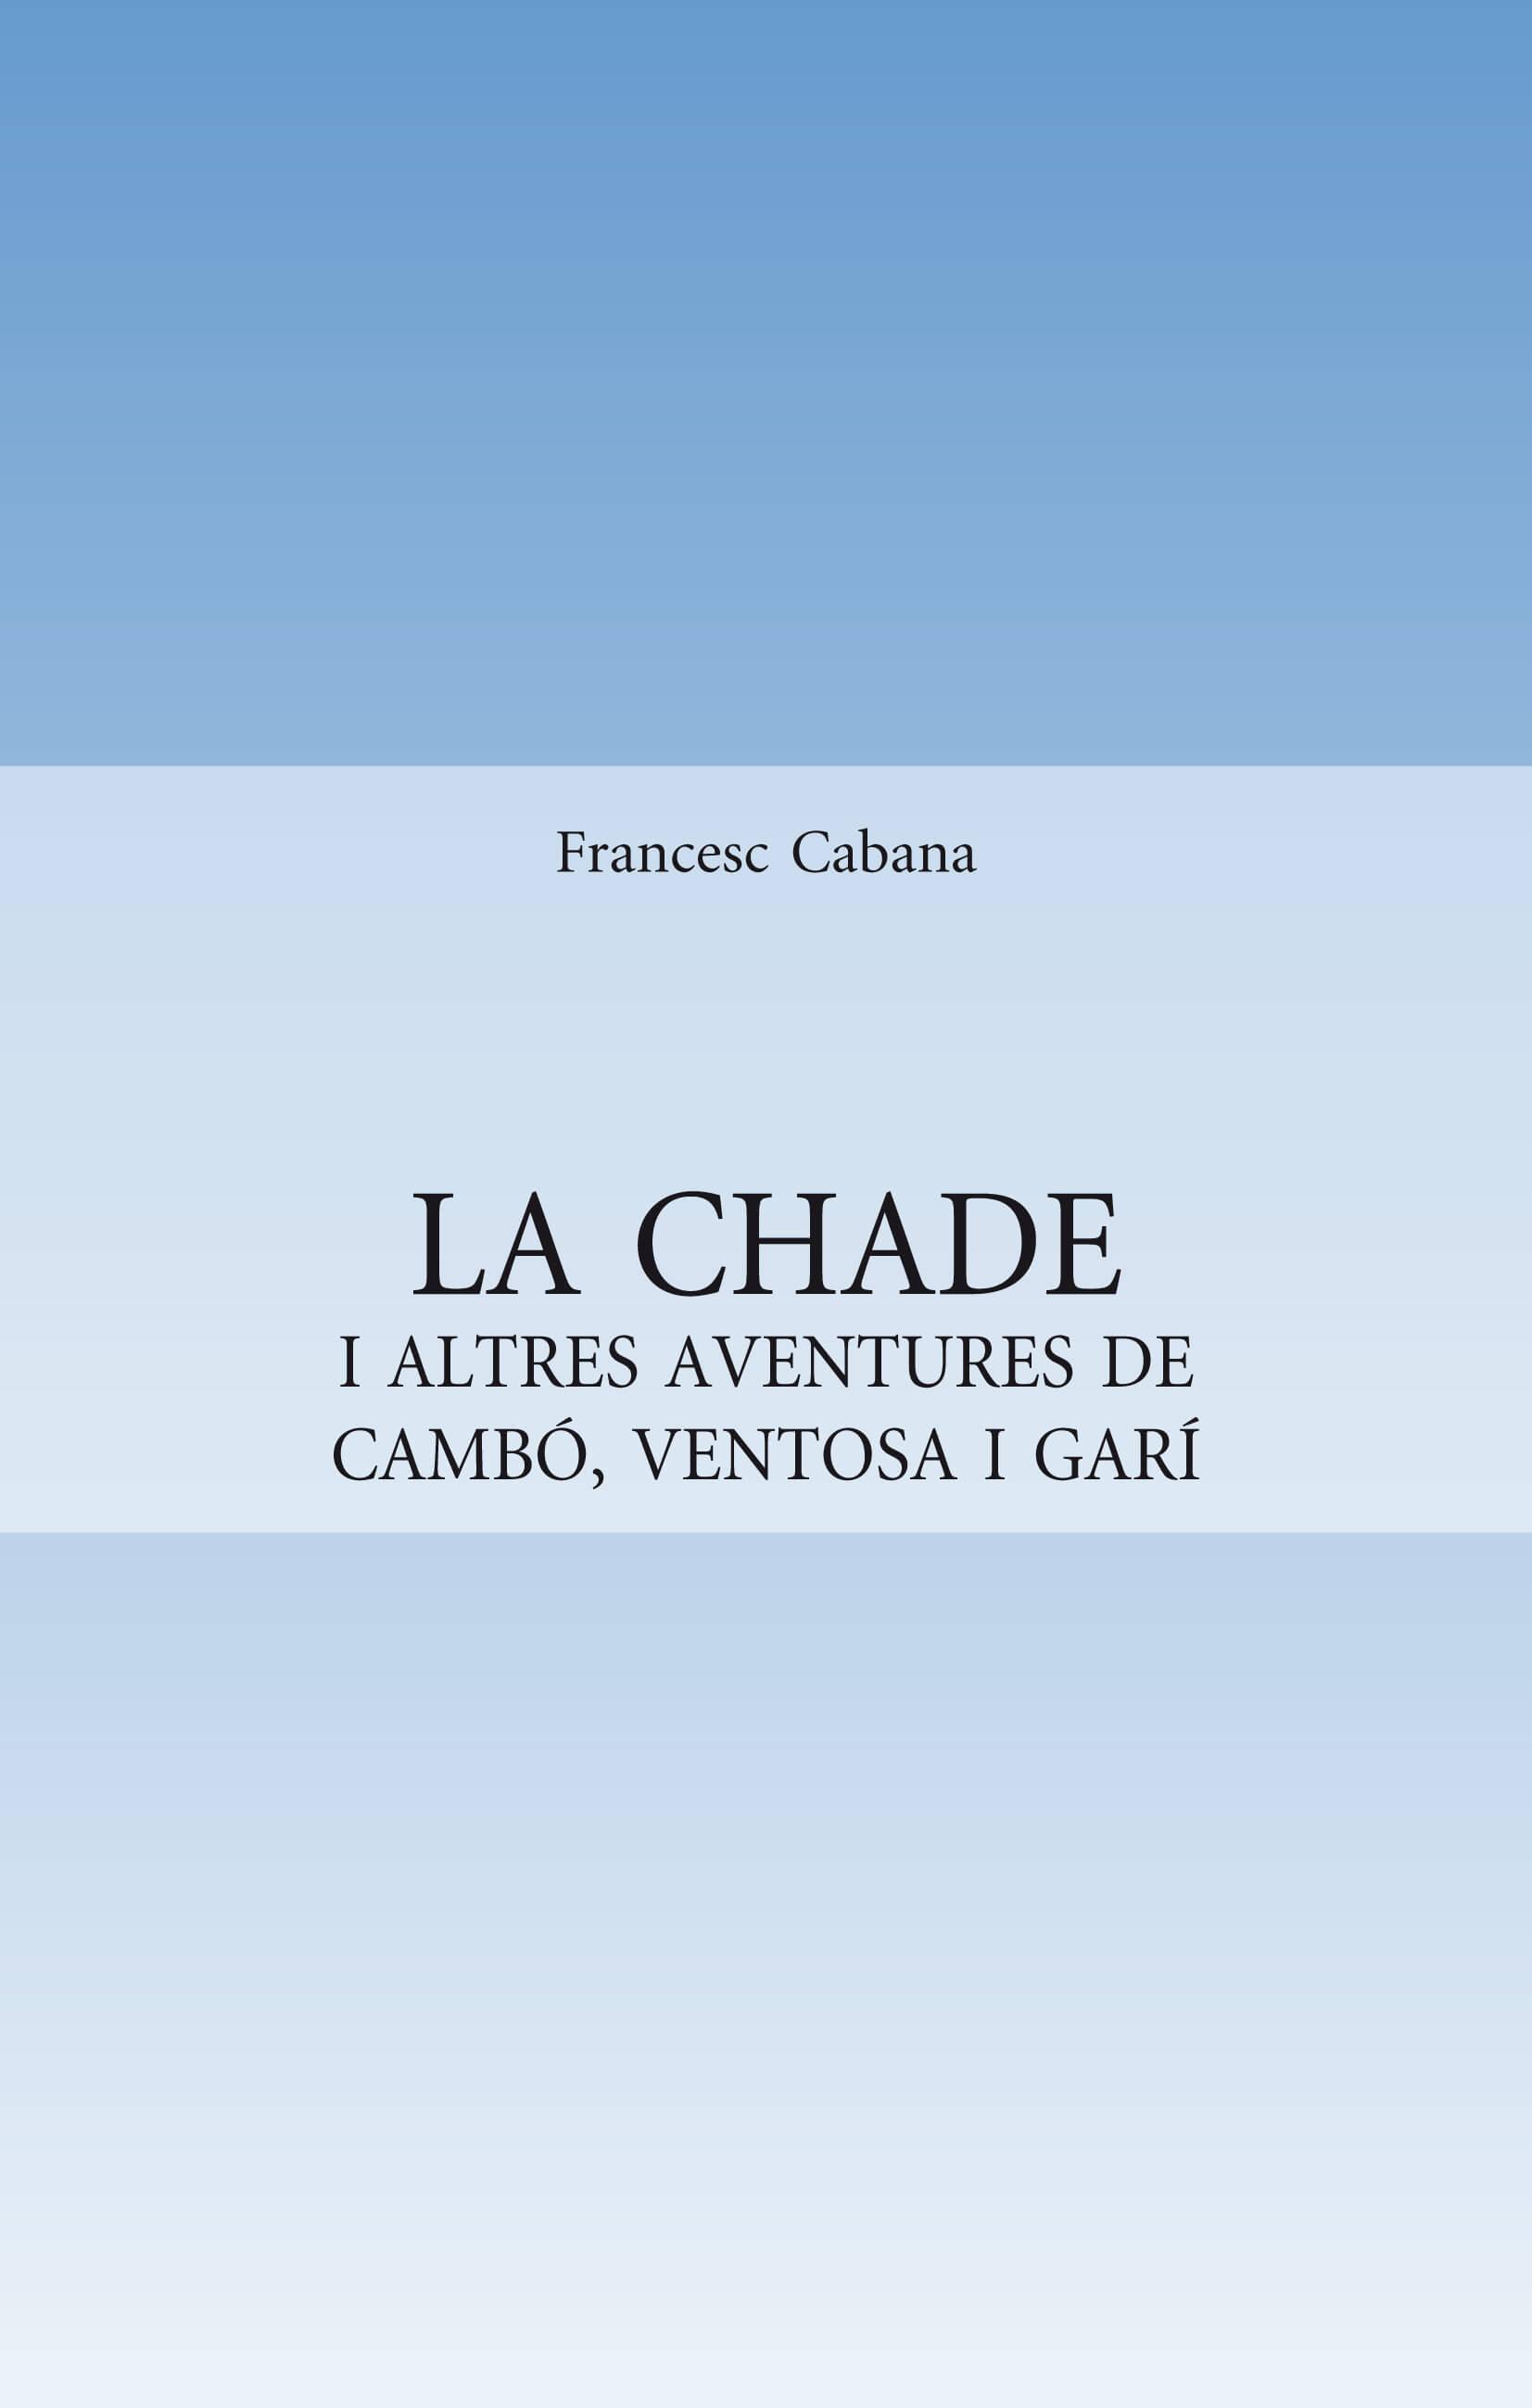 LA-CHADE-1